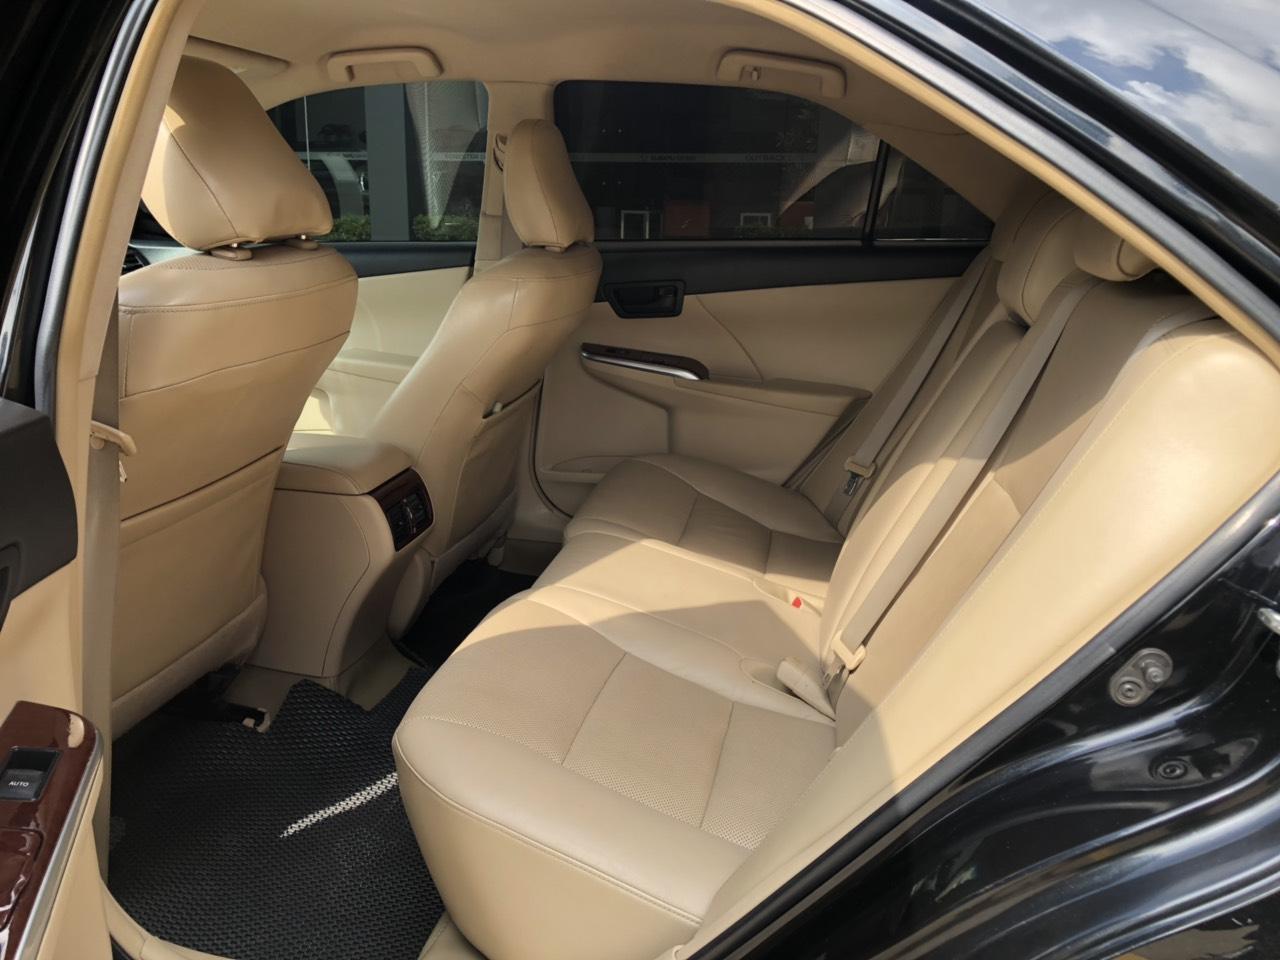 Cần bán gấp Toyota Camry 2.0E đời 2013, màu đen, giá còn fix đẹp